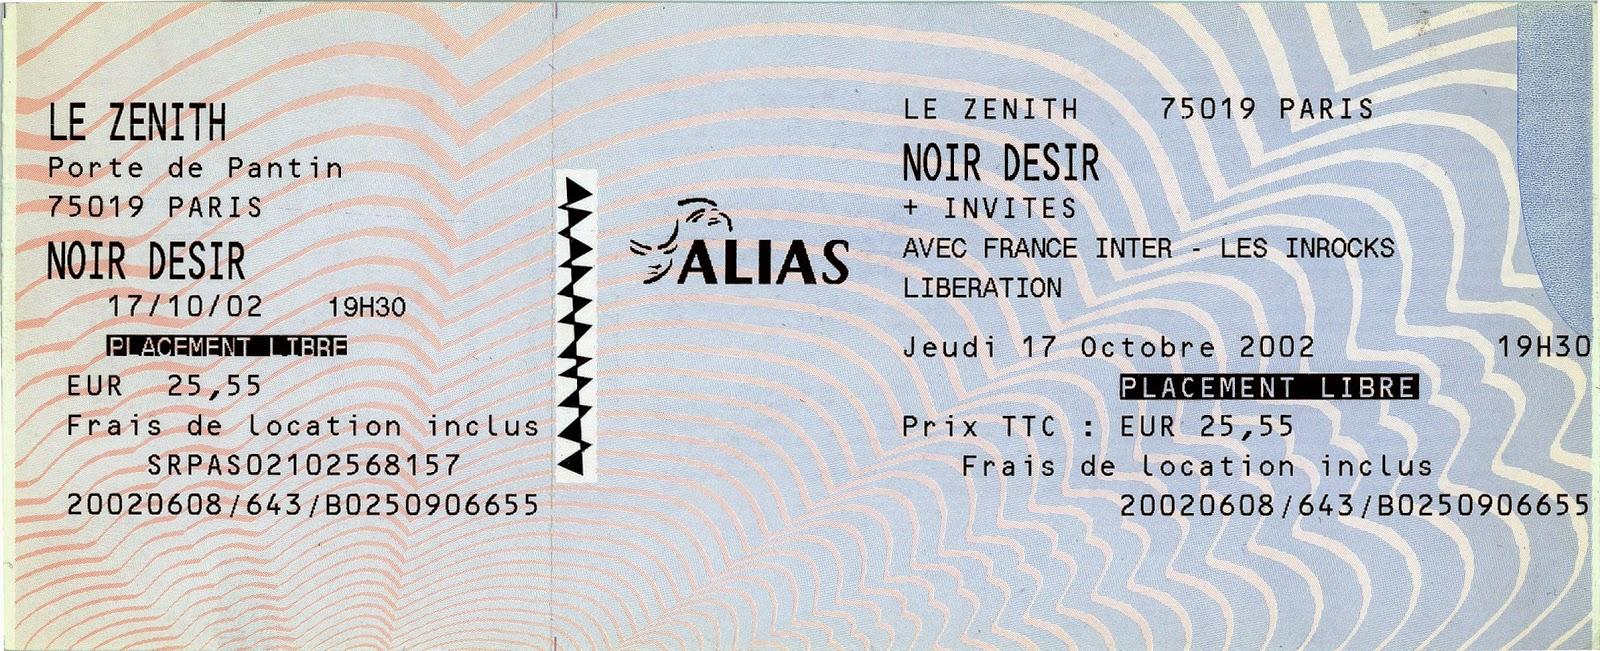 """17 Octobre 2002 Noir Desir à Paris """"le Zénith"""""""